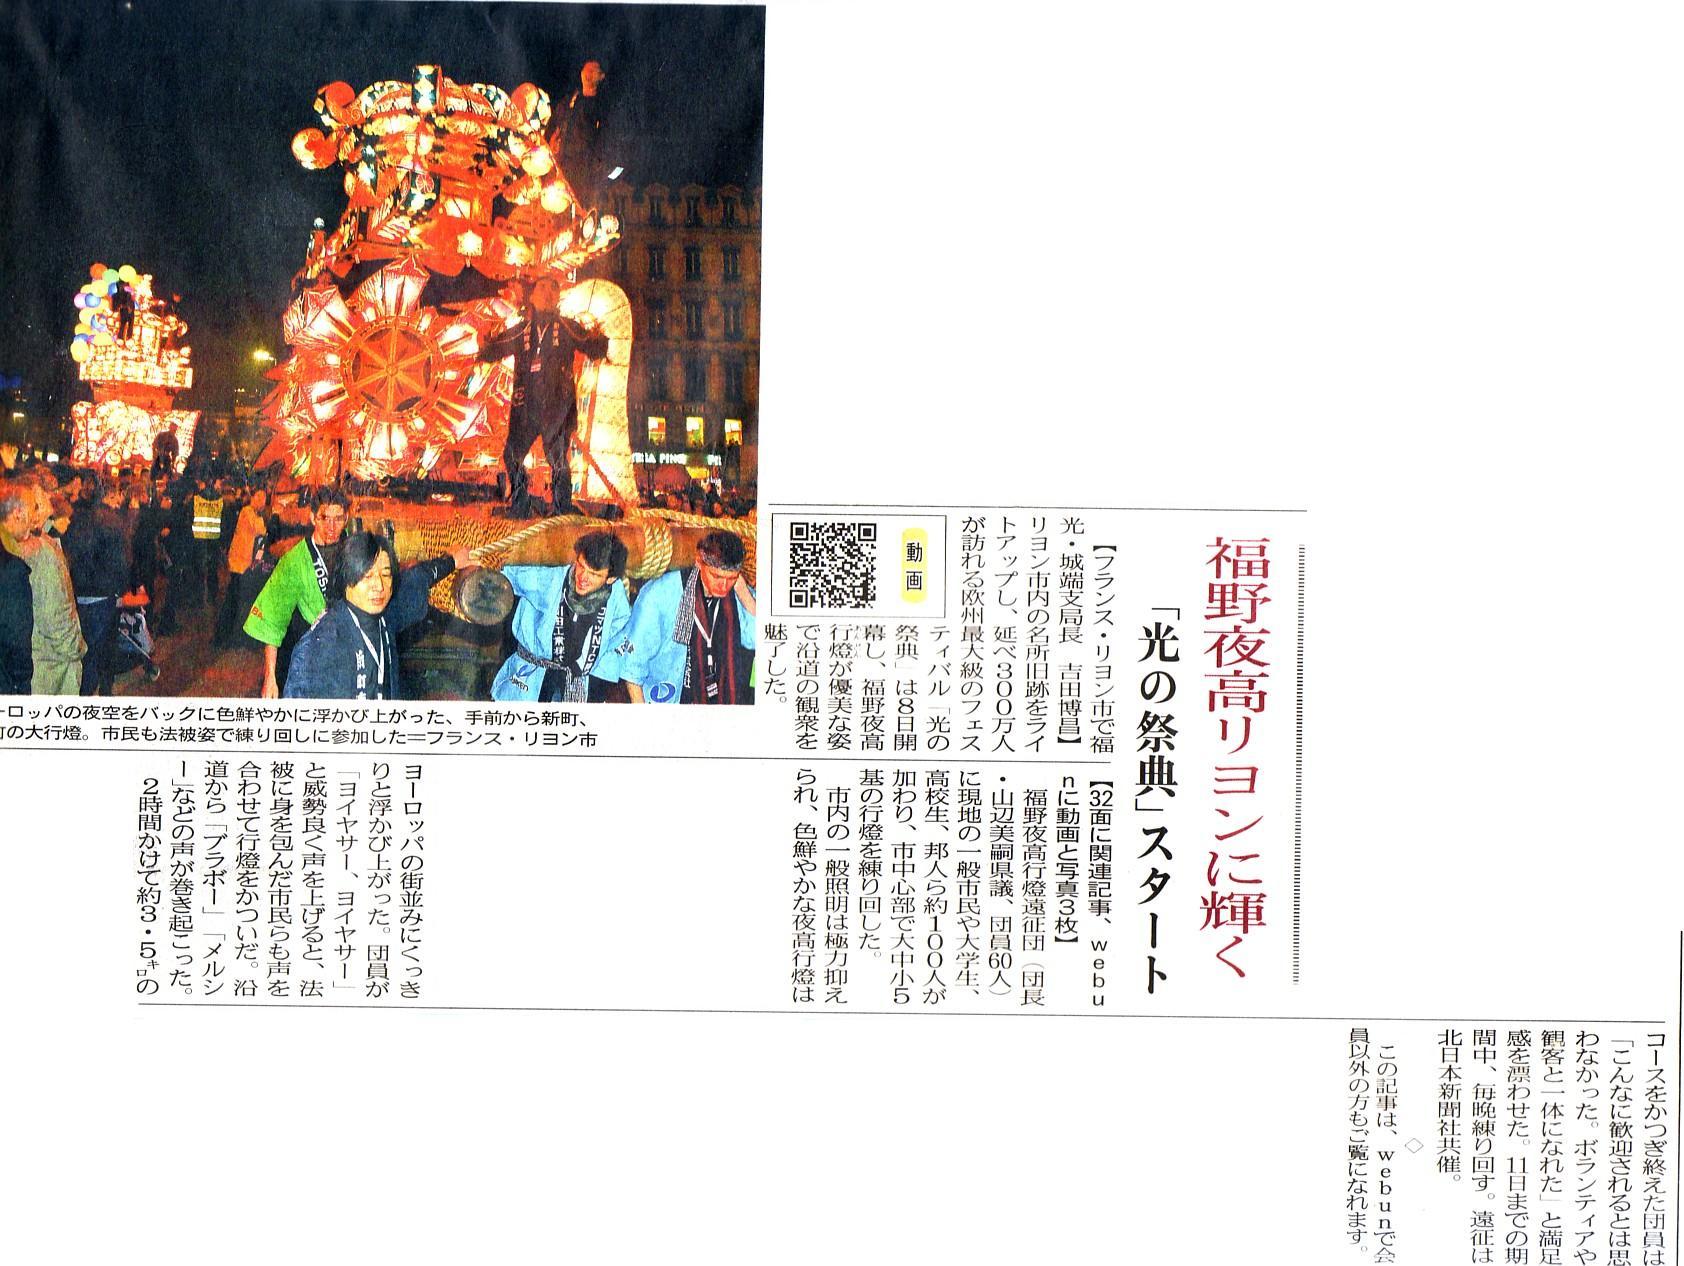 2011_12_10_1w.jpg